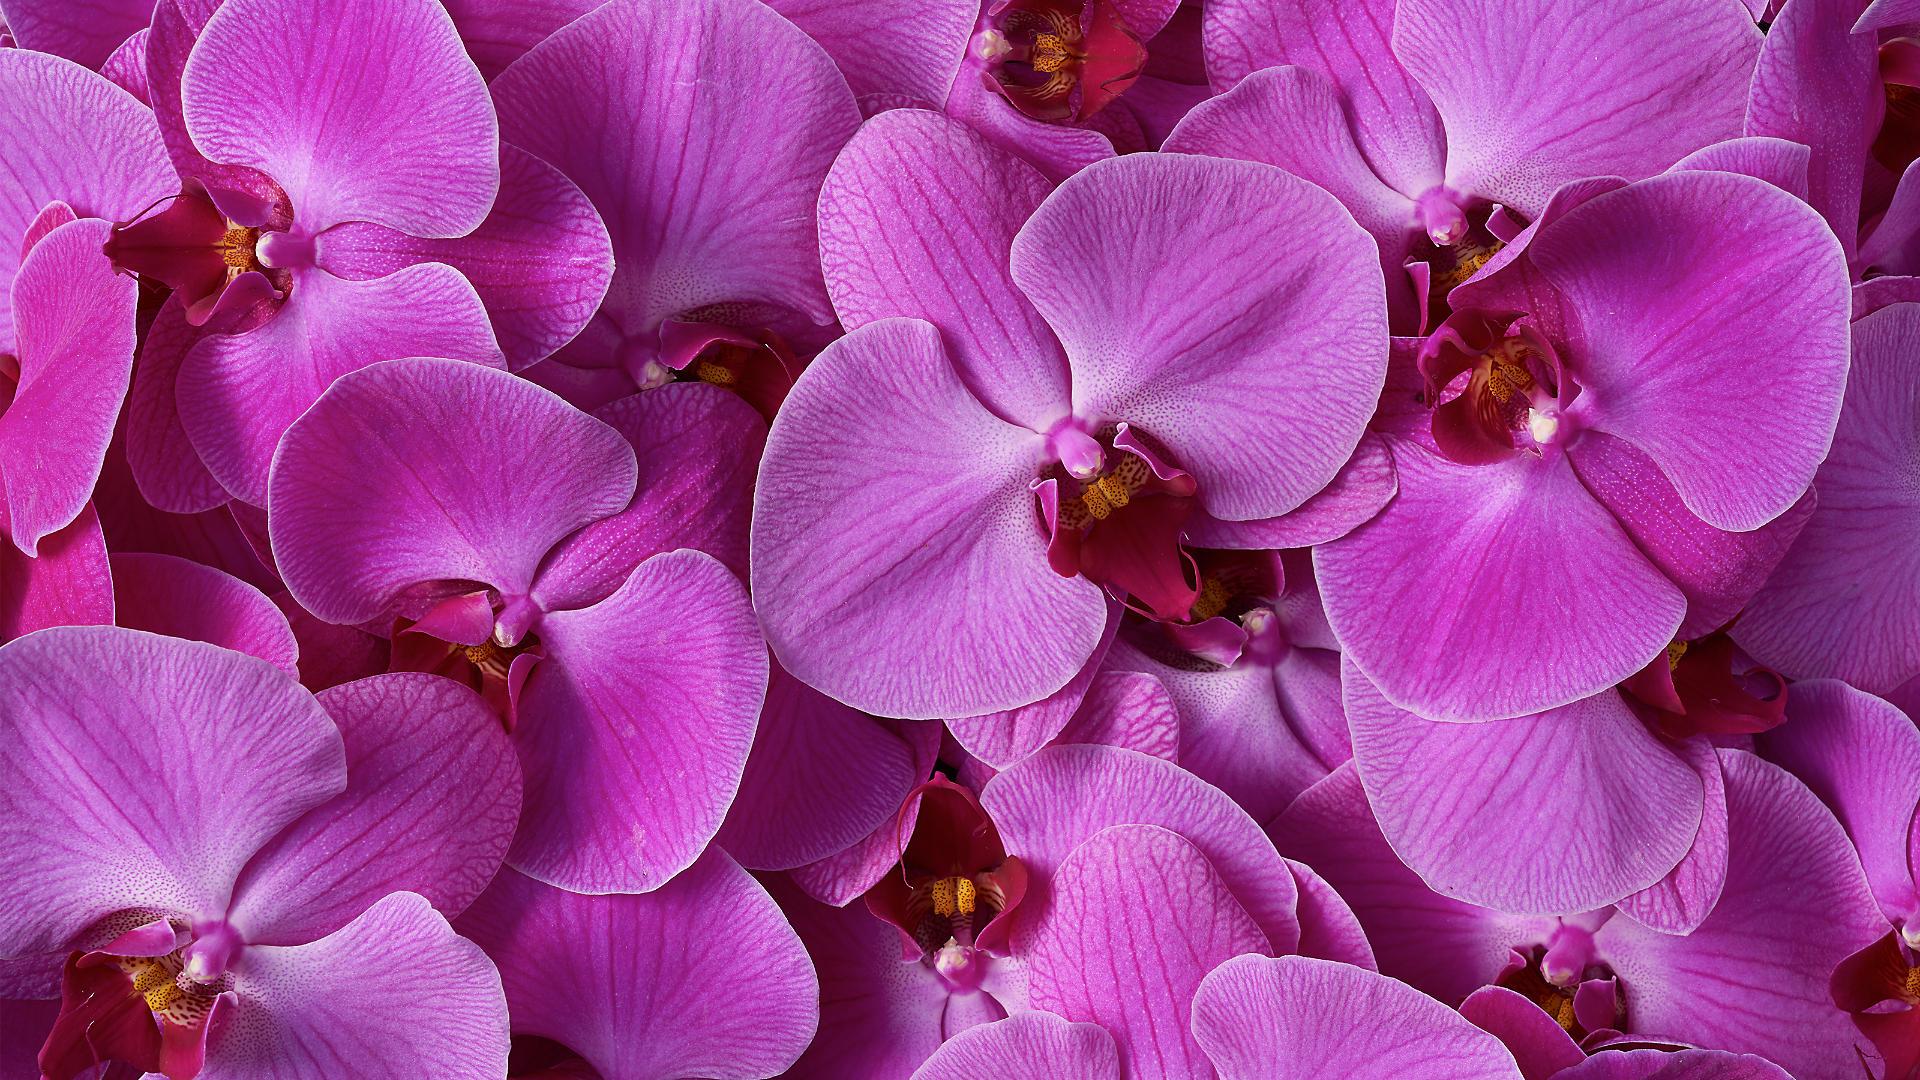 Hình ảnh Hoa Phong Lan tuyệt đẹp